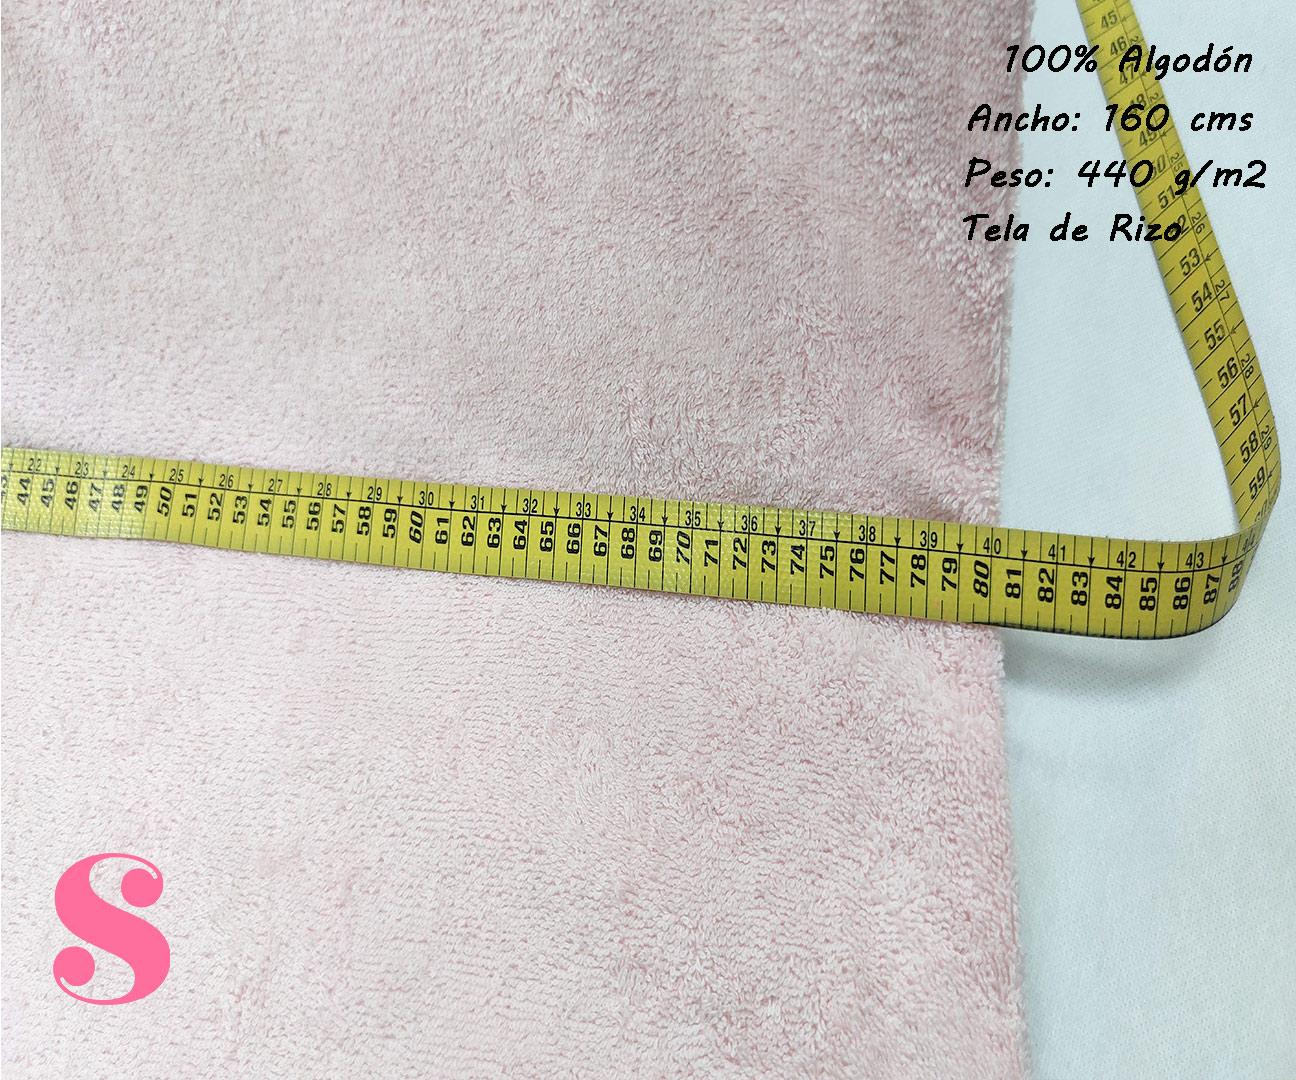 tela-rizo-algodón-confencción-toallas-albornoces-playa-ribete,Felpa de Rizo Americano Rosa